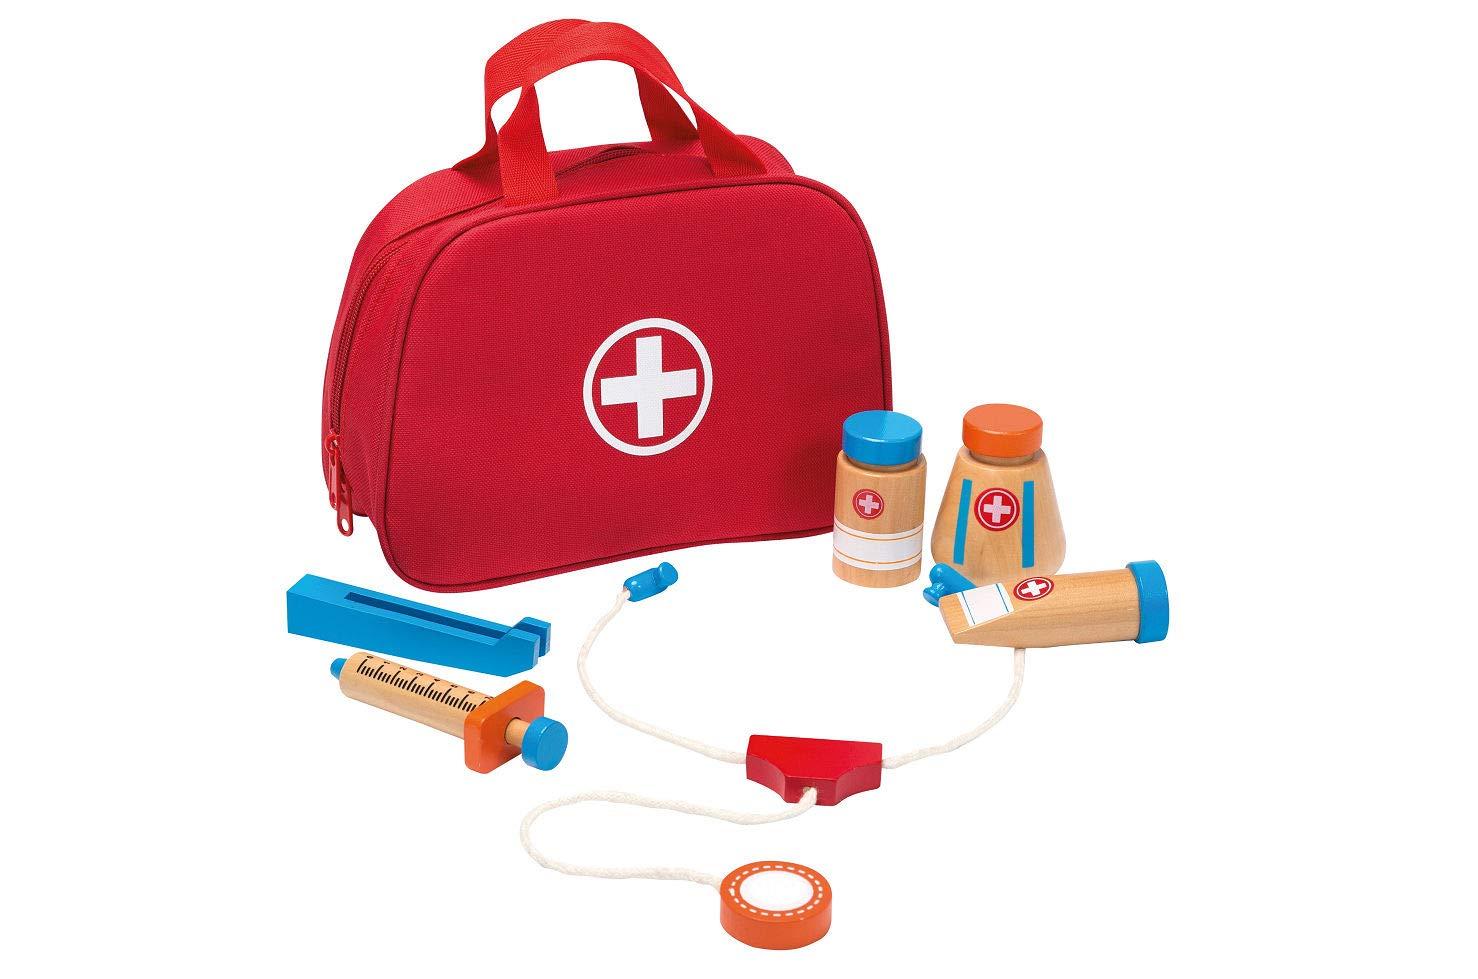 Smart Planet - Arzttasche mit Zubehören 8-teilig für Kinder zum Spielen - Jouéco® Smart-Planet